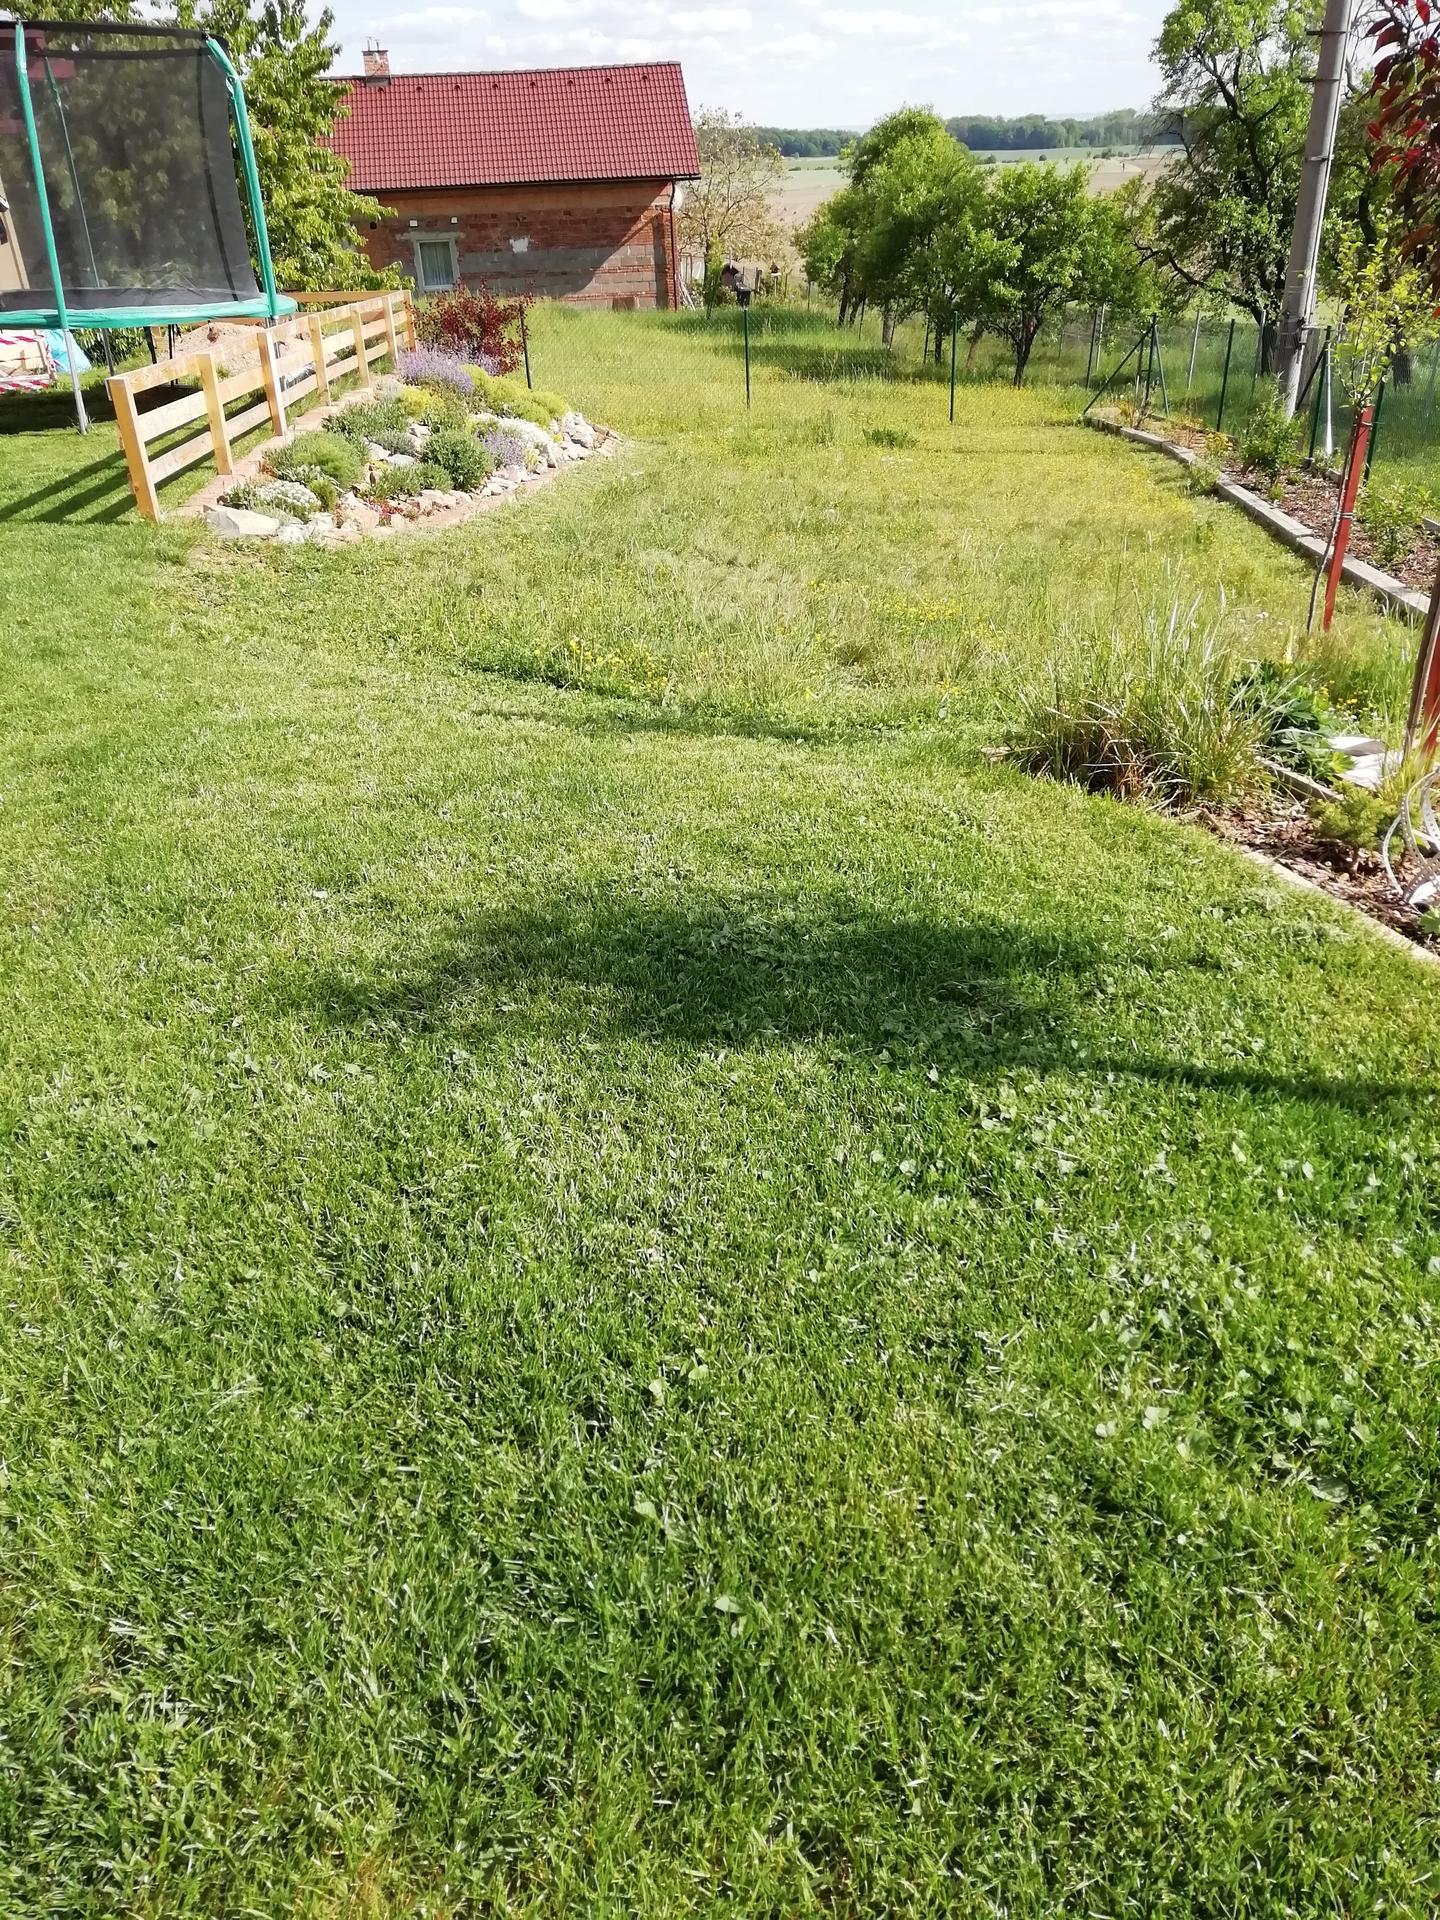 Venku (tam kde už to nevypadá jako staveniště) - Louka kvete, trávník se zelená :)